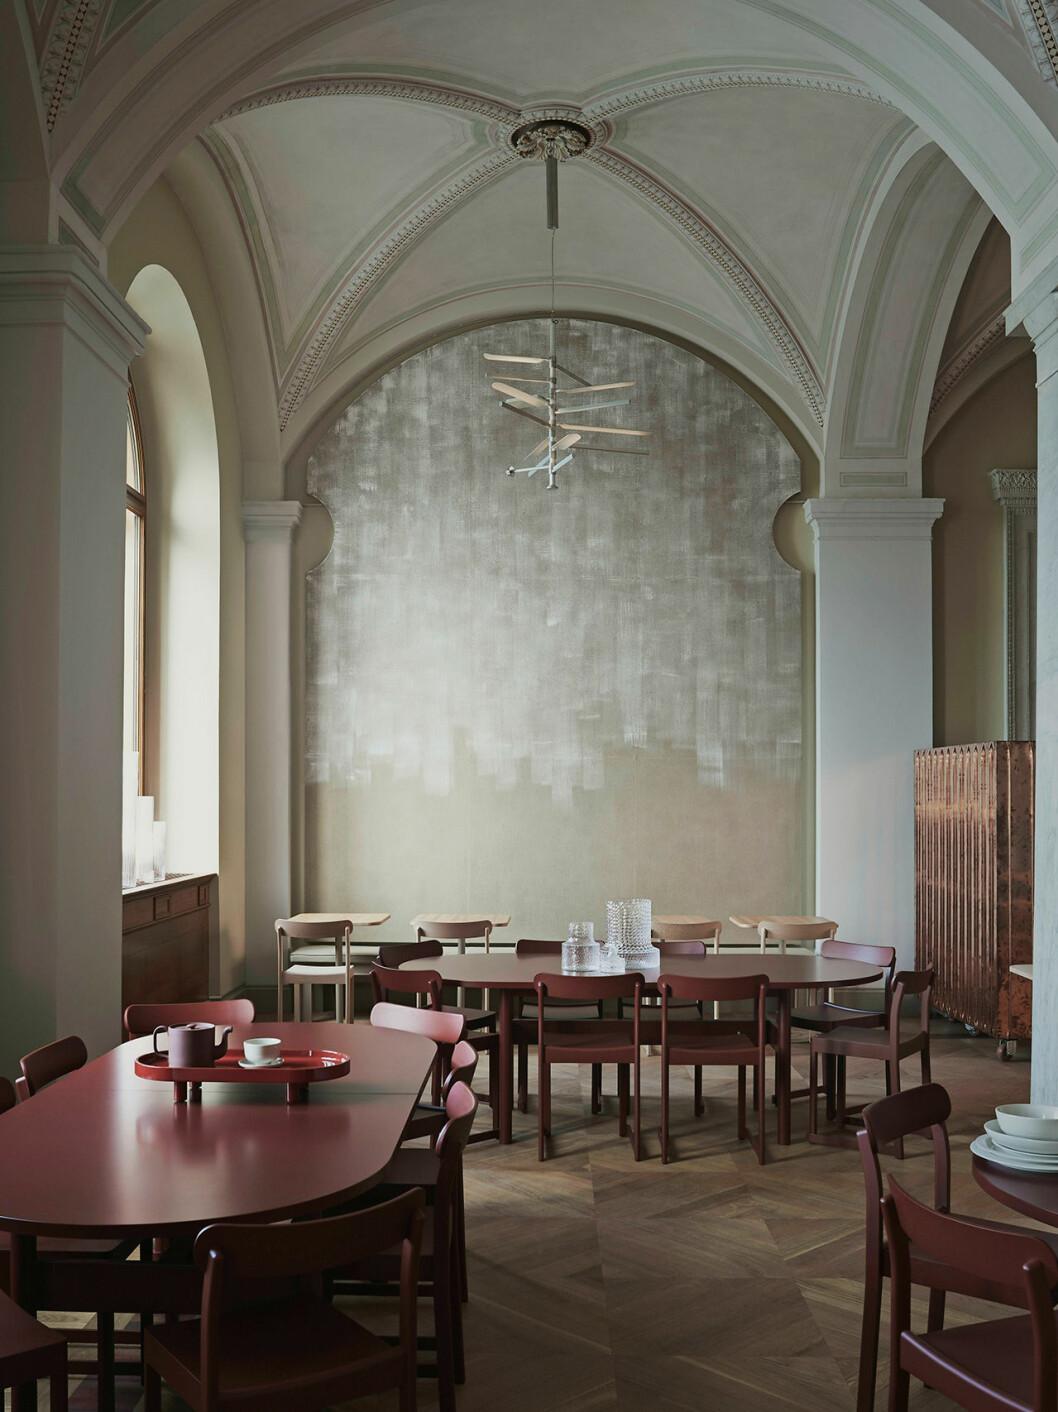 All inredning i restaurangen är nydesignad och tillverkad i samarbete med svenska designföretag.